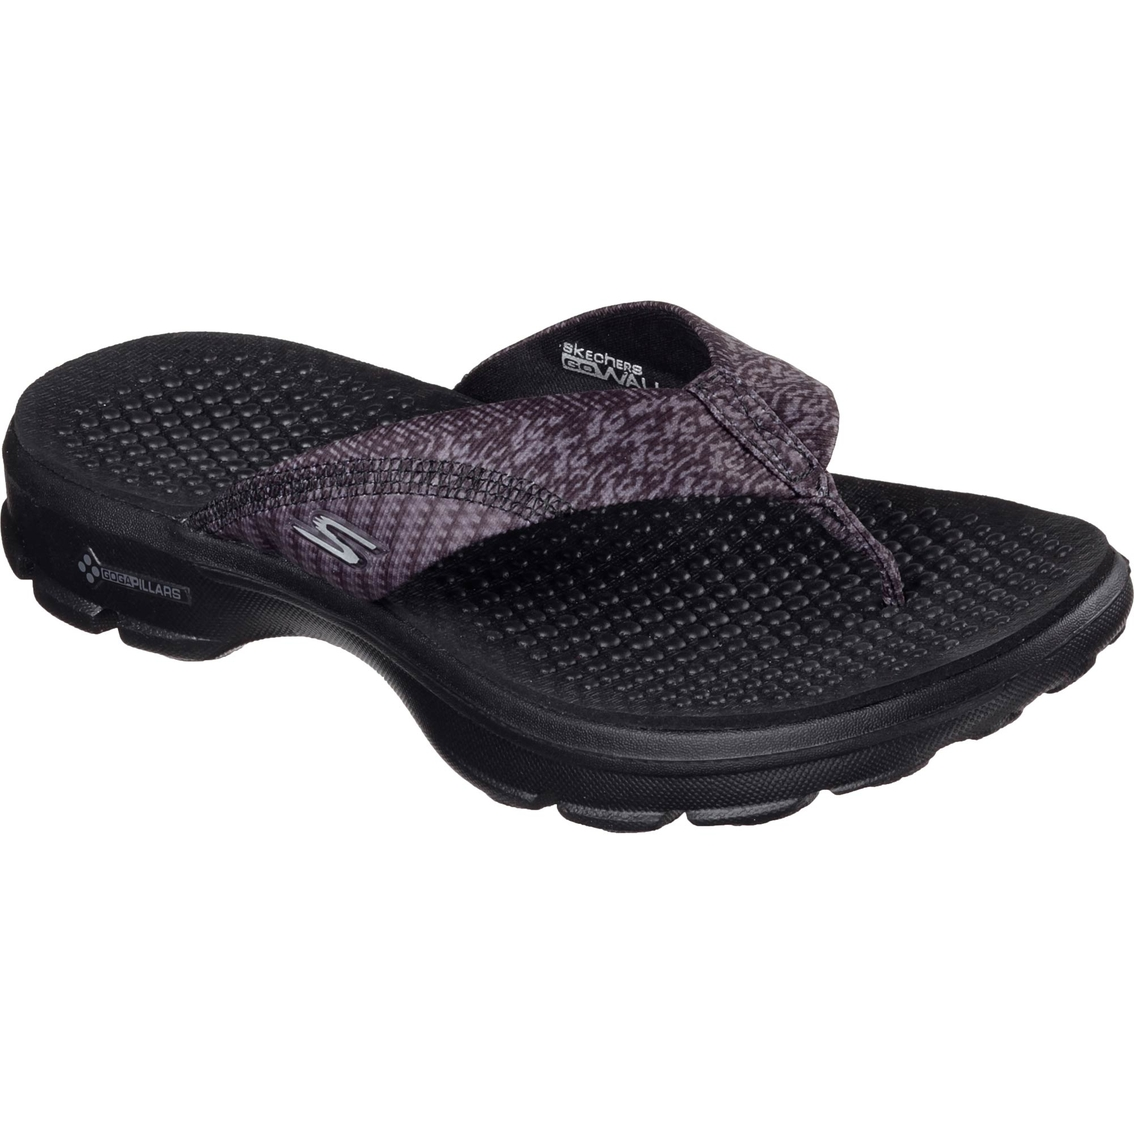 f8d679d0ad Skechers Women's Go Walk Pizazz Sandals | Flip Flops | Apparel ...